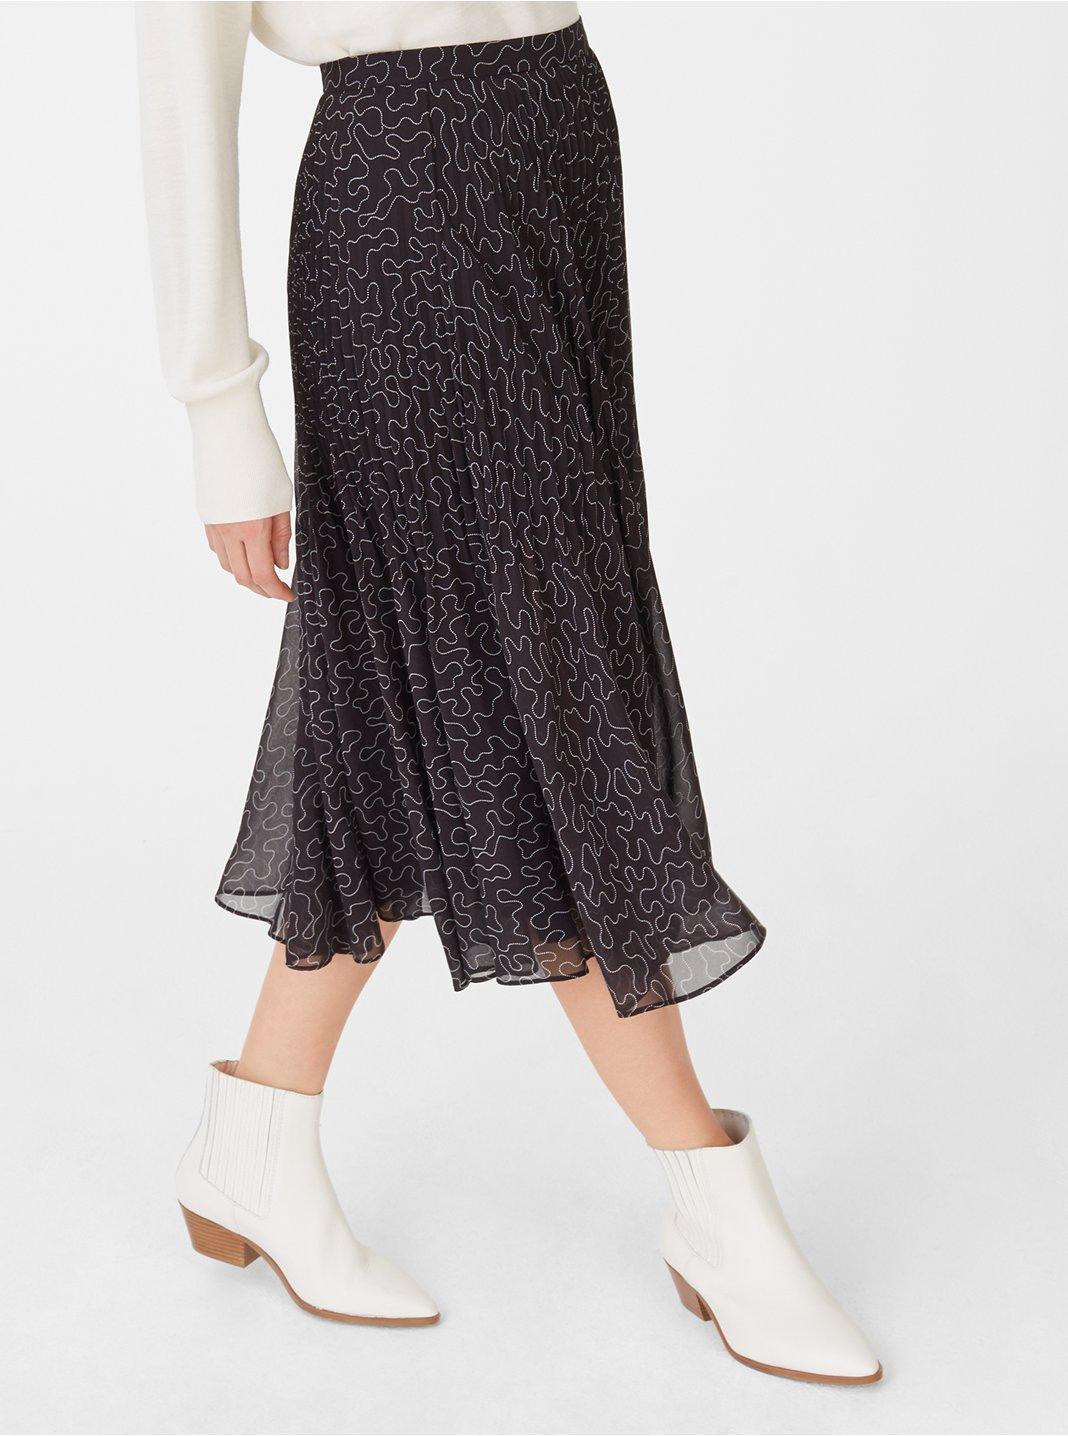 Yowshee Skirt